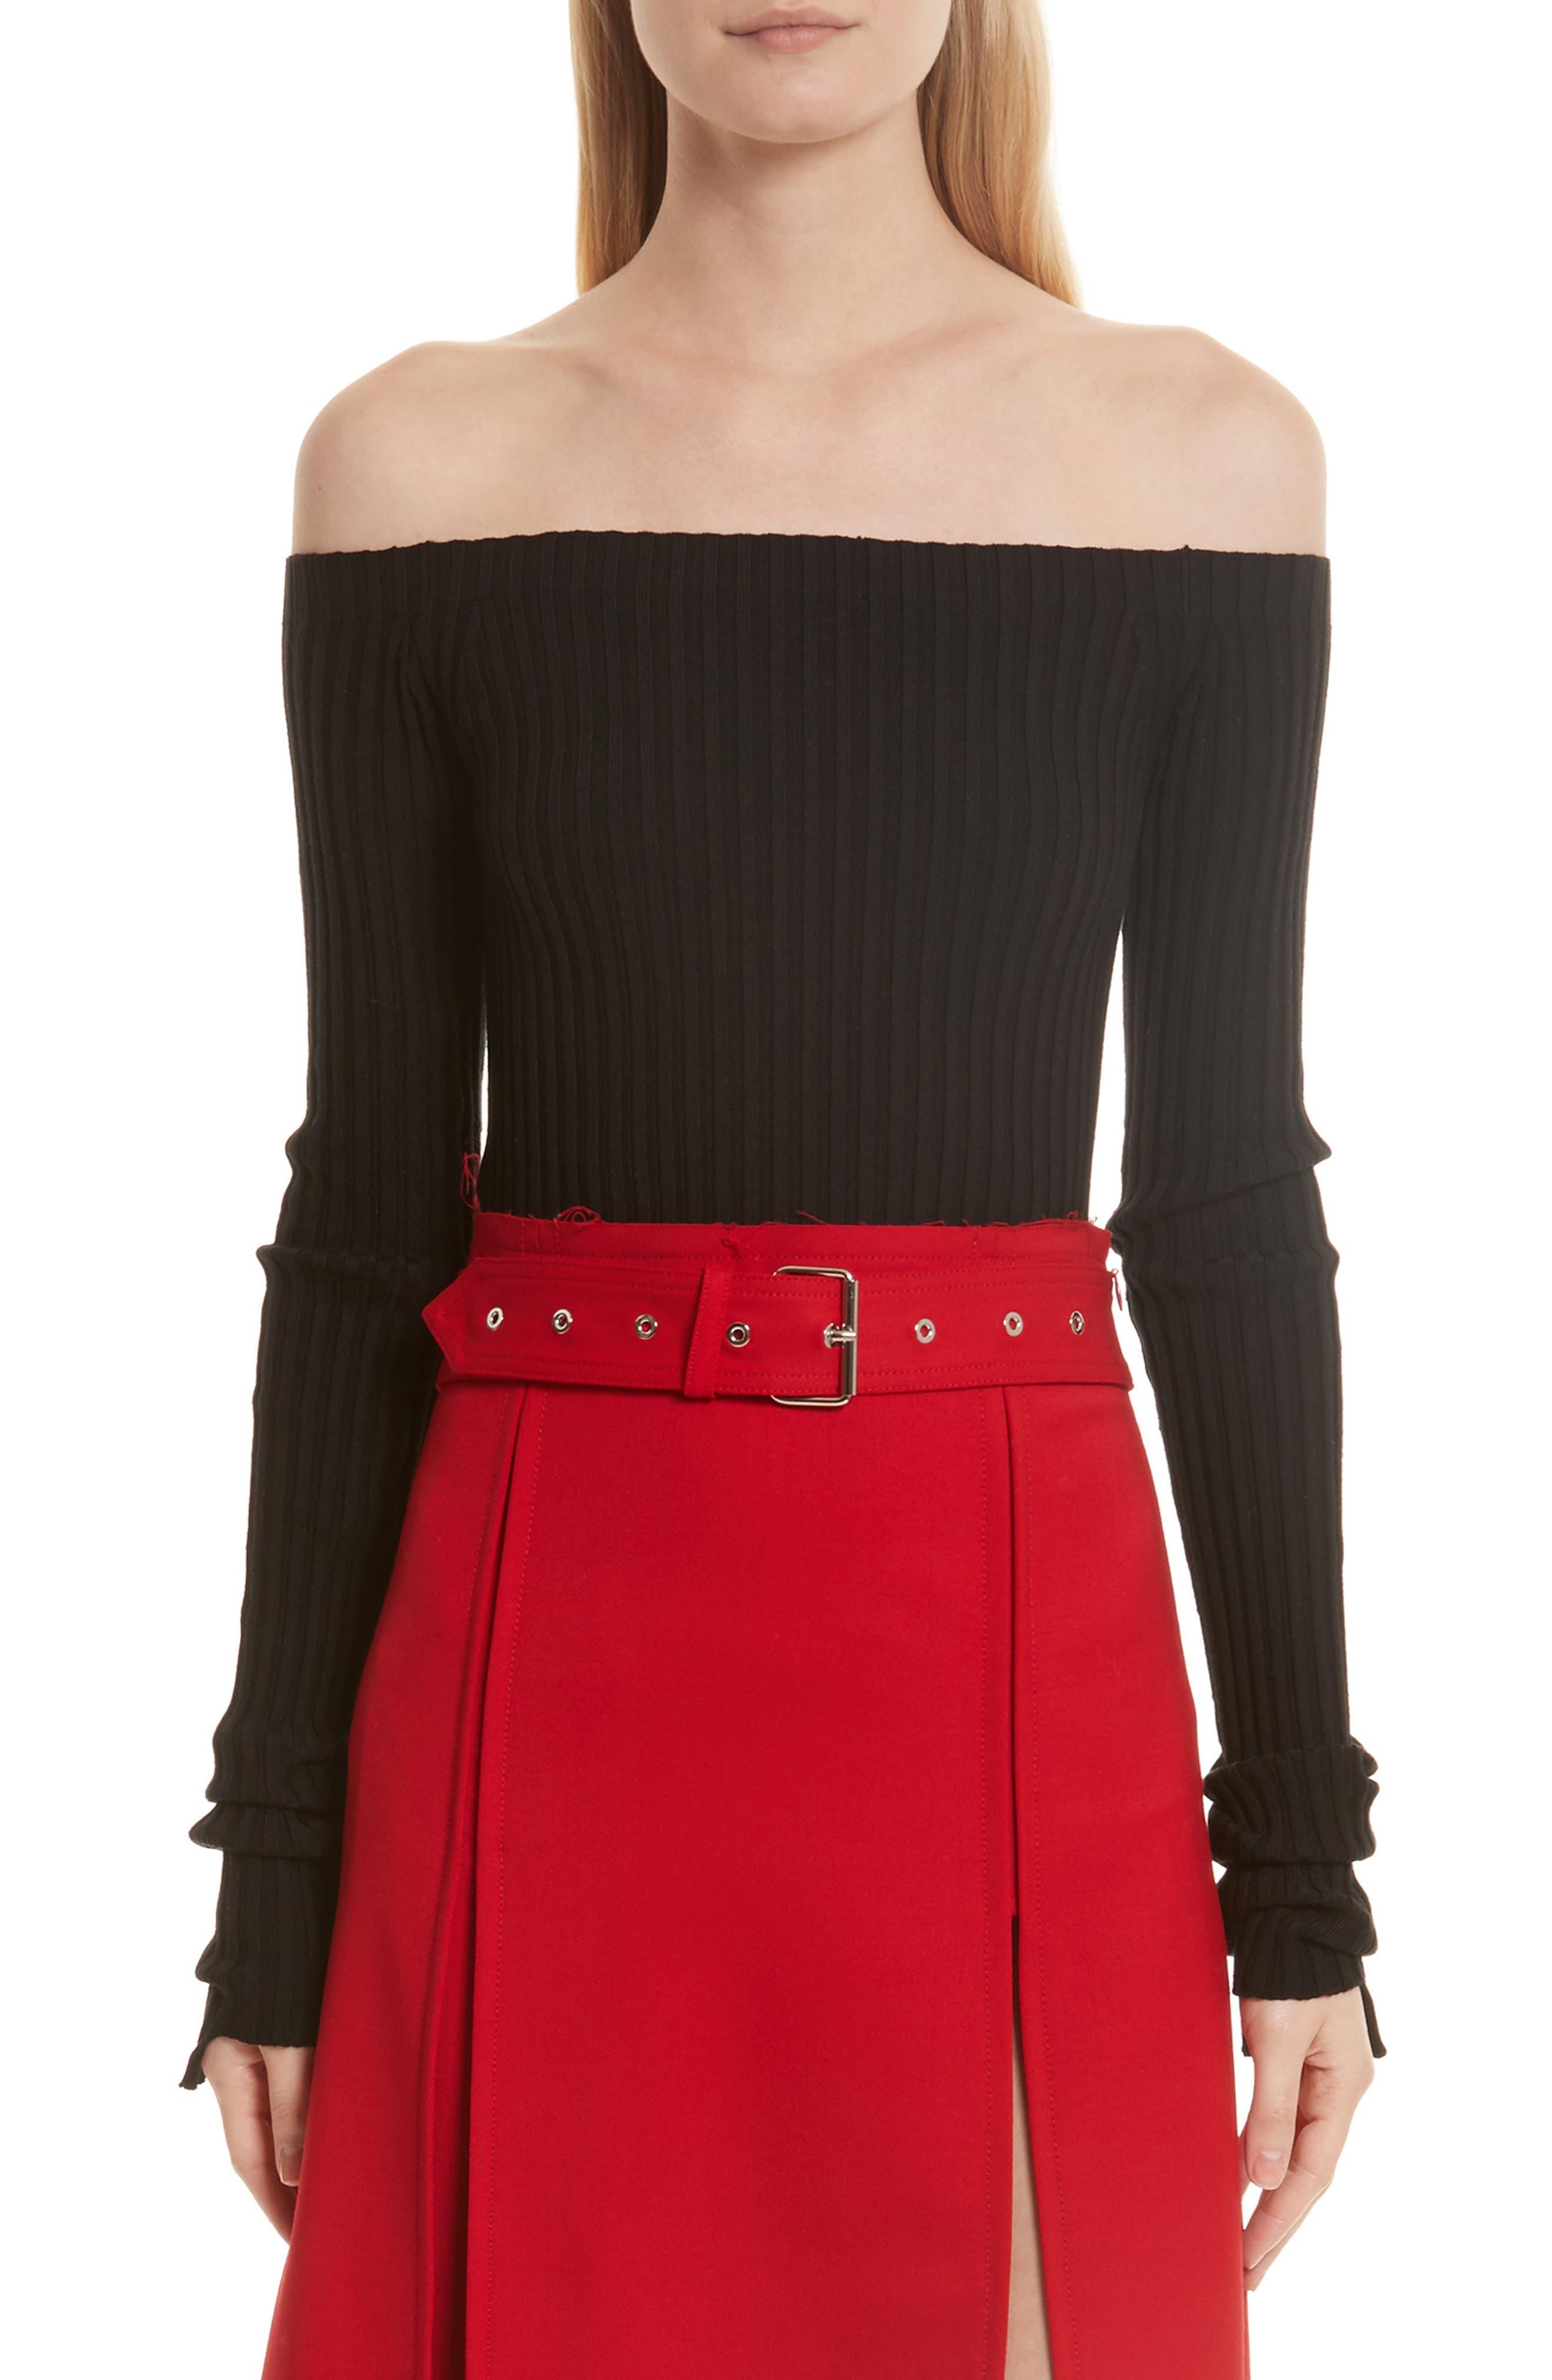 Alternate Image 1 Selected - Helmut Lang Knit Silk Off the Shoulder Sweater